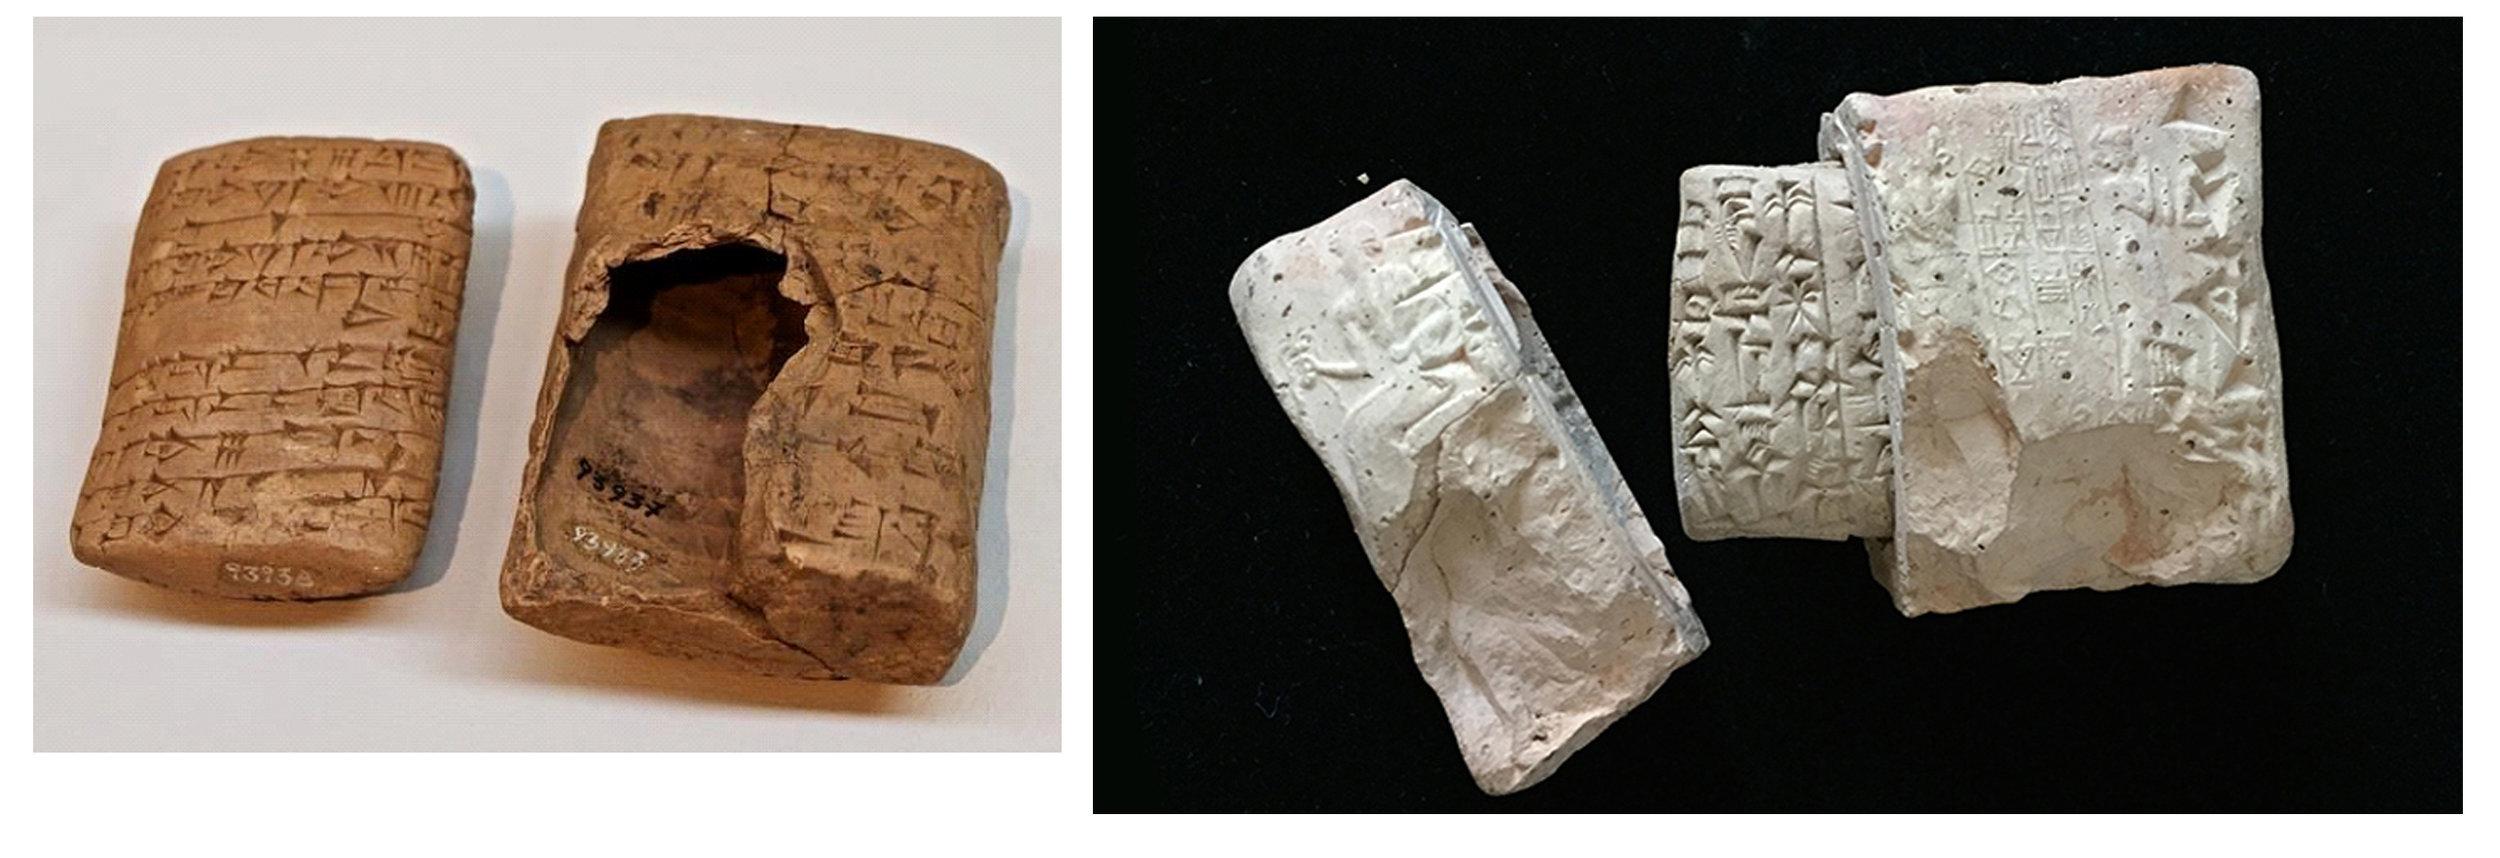 2 cuneiform tablets blog 1.jpg